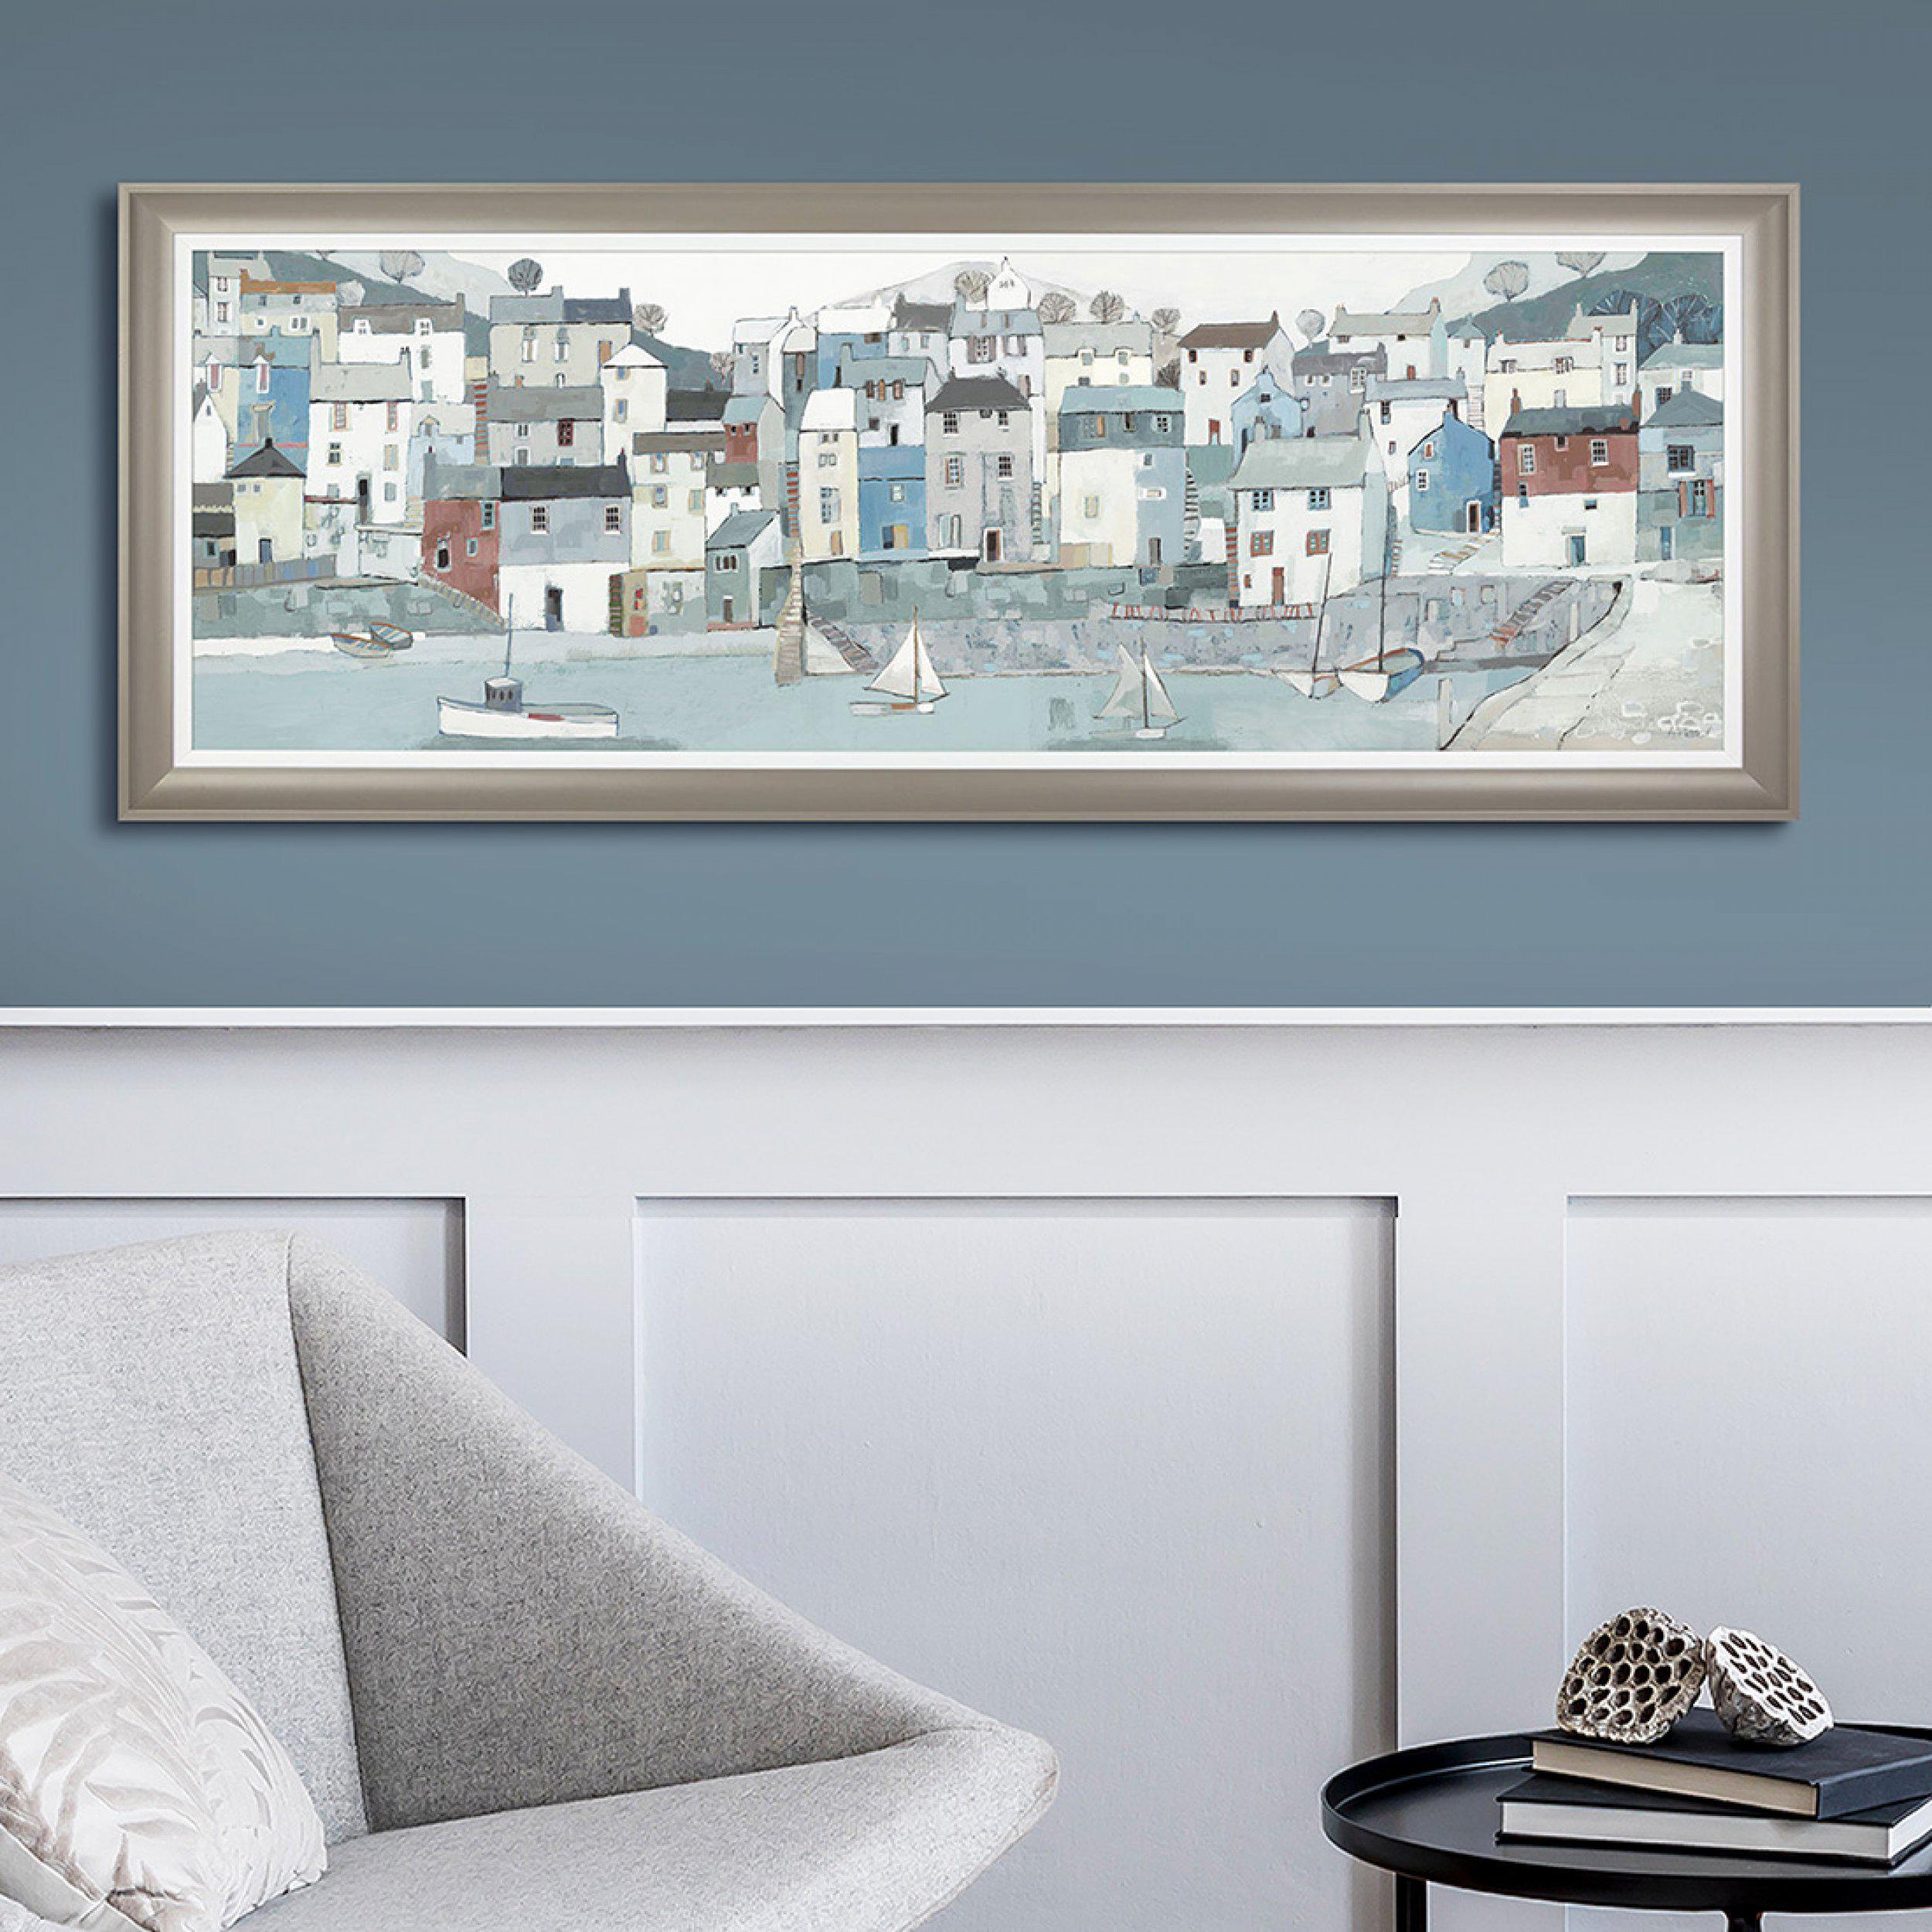 Art Gallery - Shoreline Painting - Artist Adelene Fletcher - Framed Print For Sale - Room Display